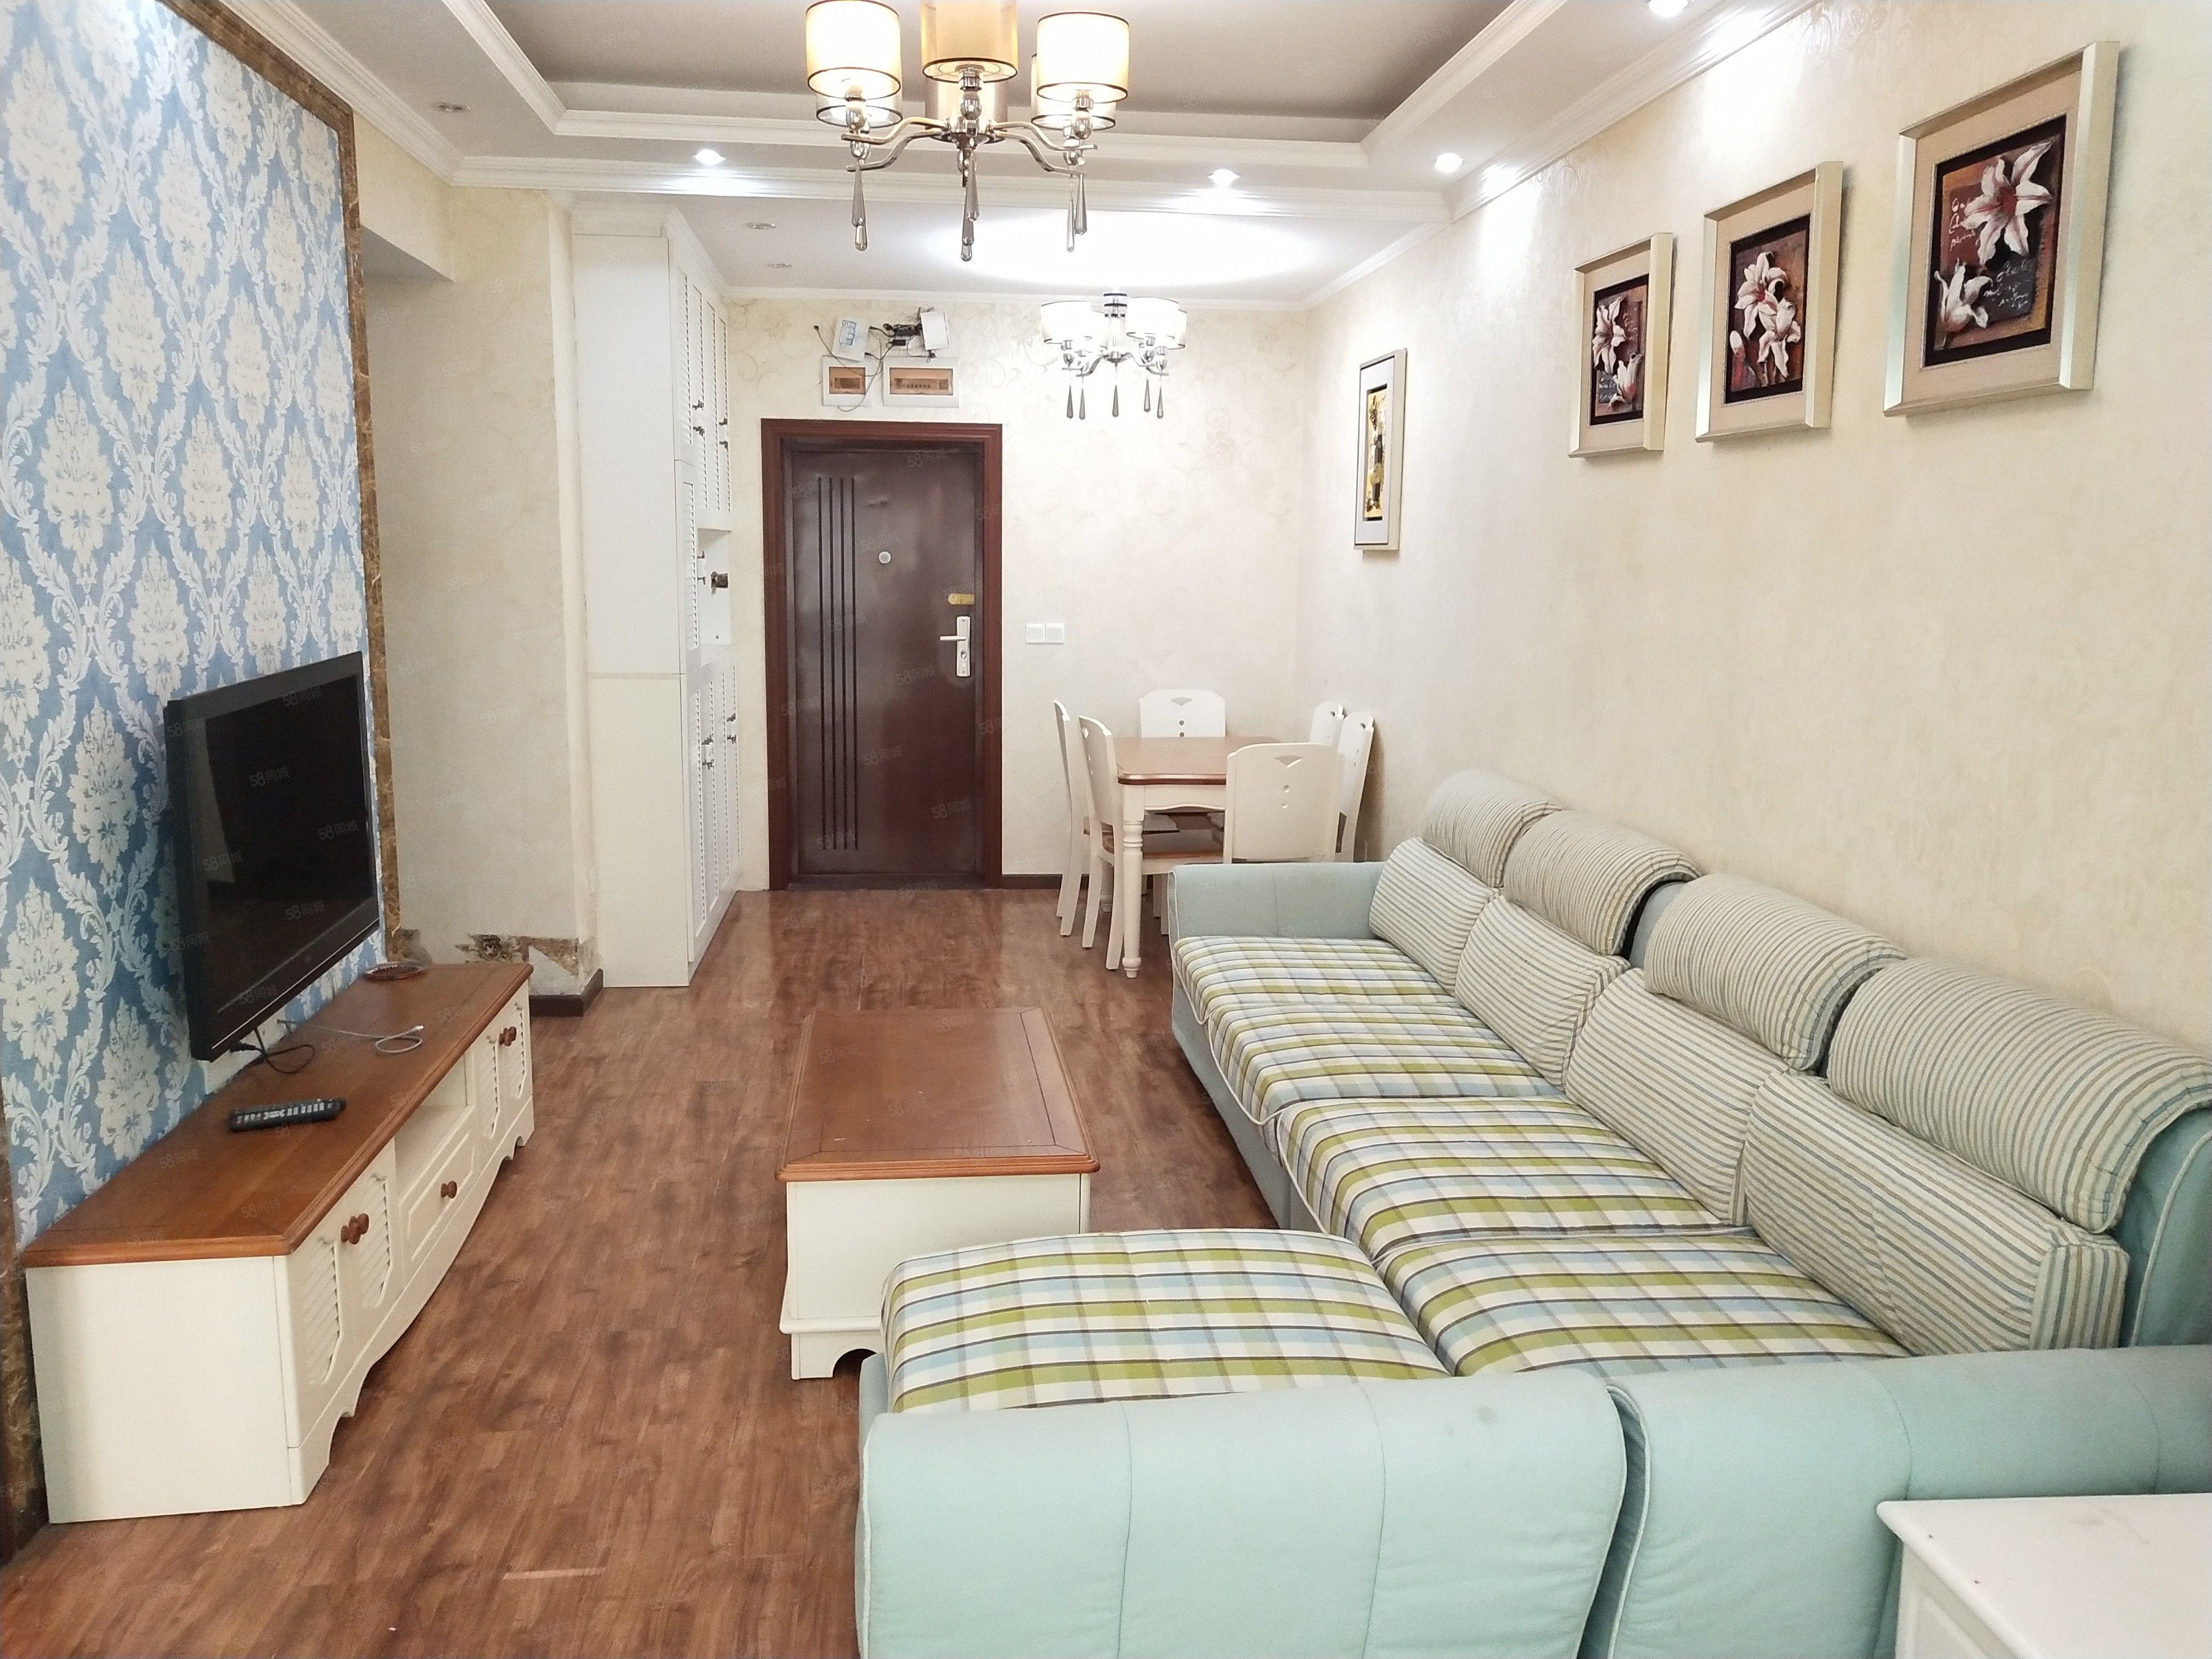 江阳公园旁天立水晶城住家精装2房温馨如家初次出租